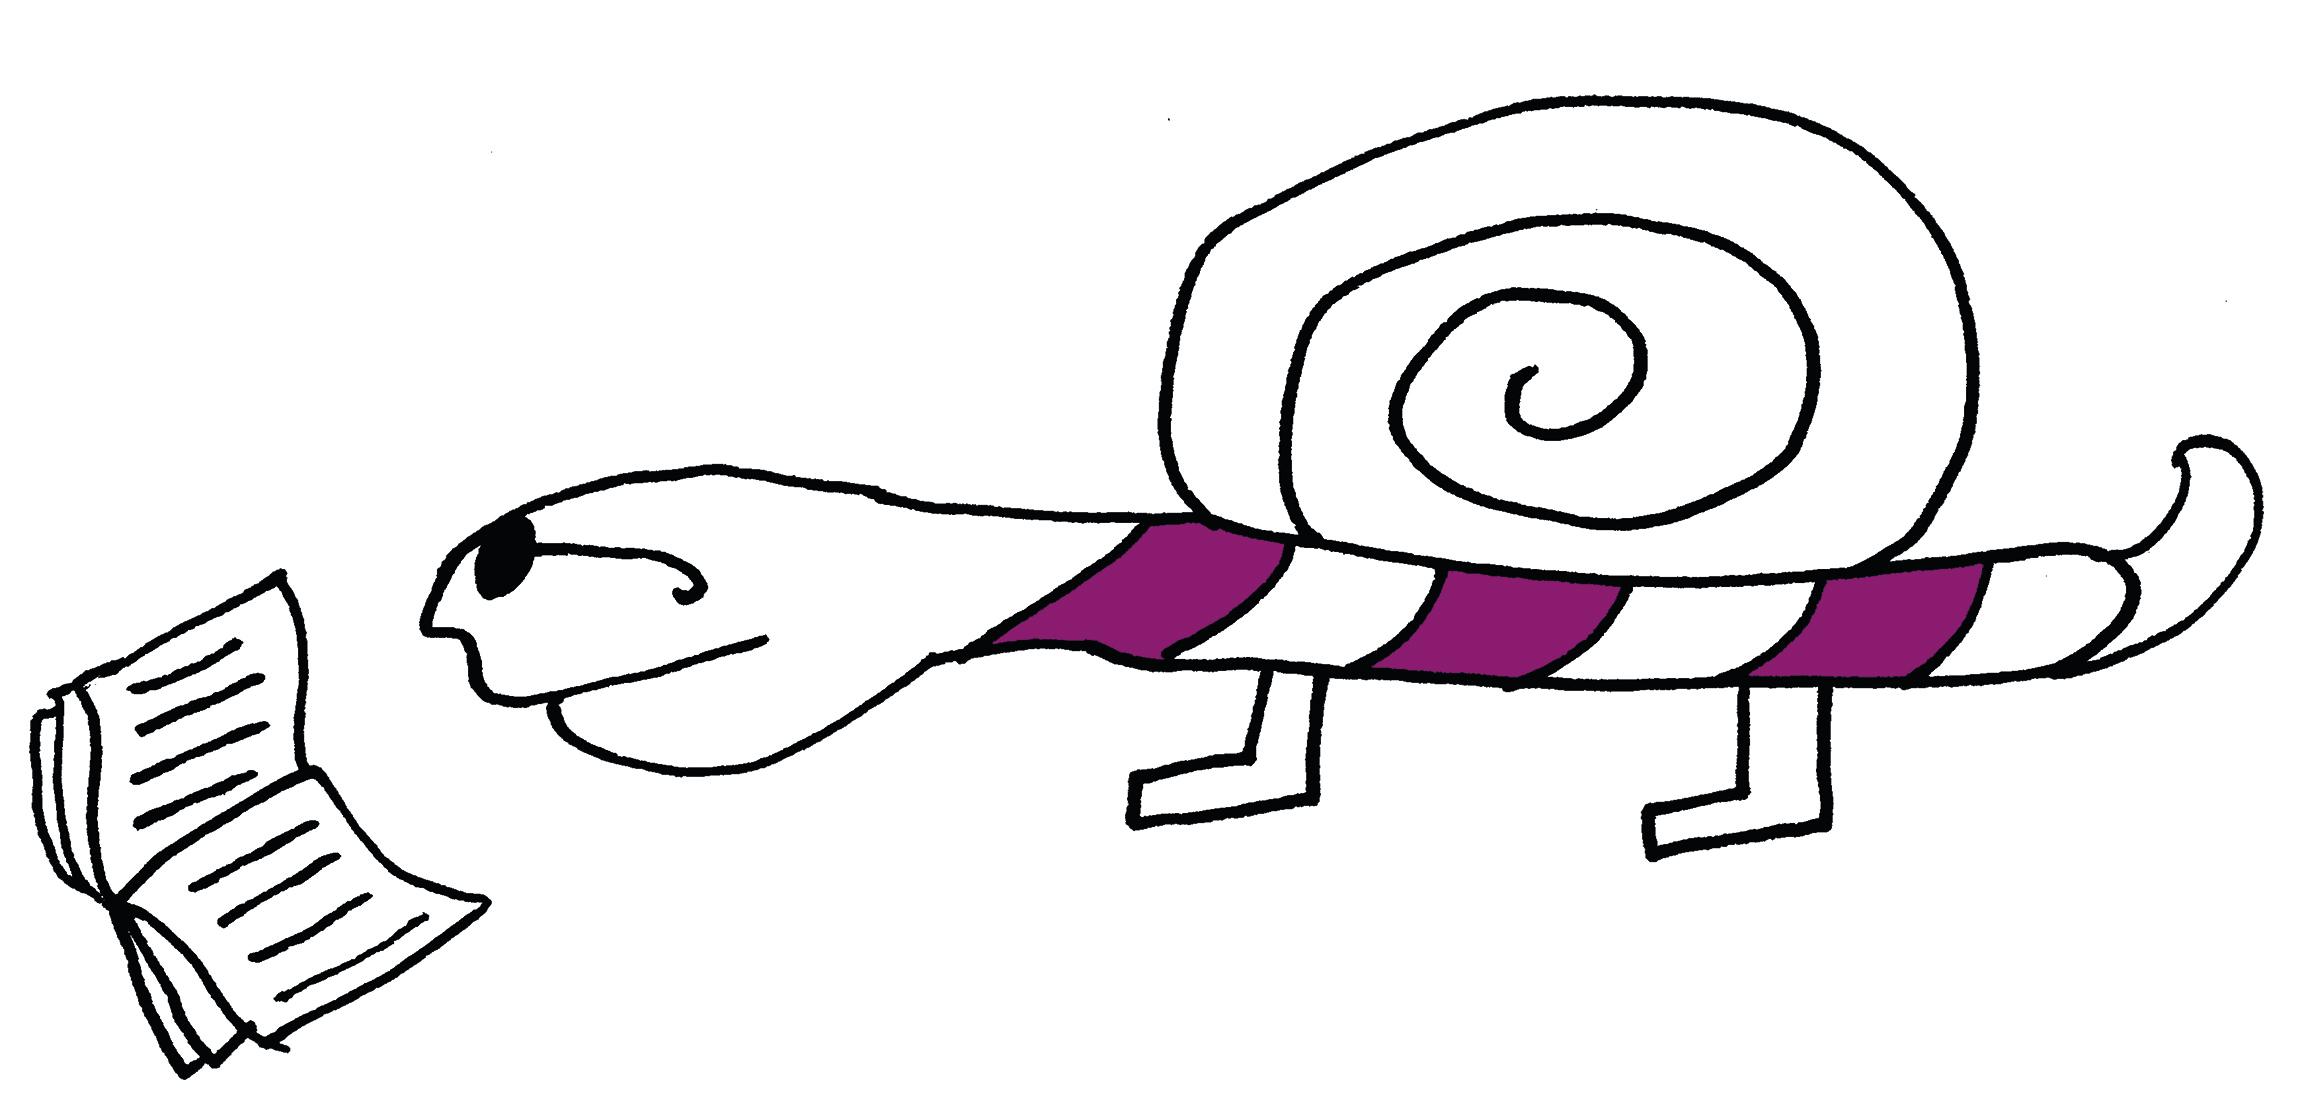 Remonstranten Geloof begint bij jou_tekening lezende slak